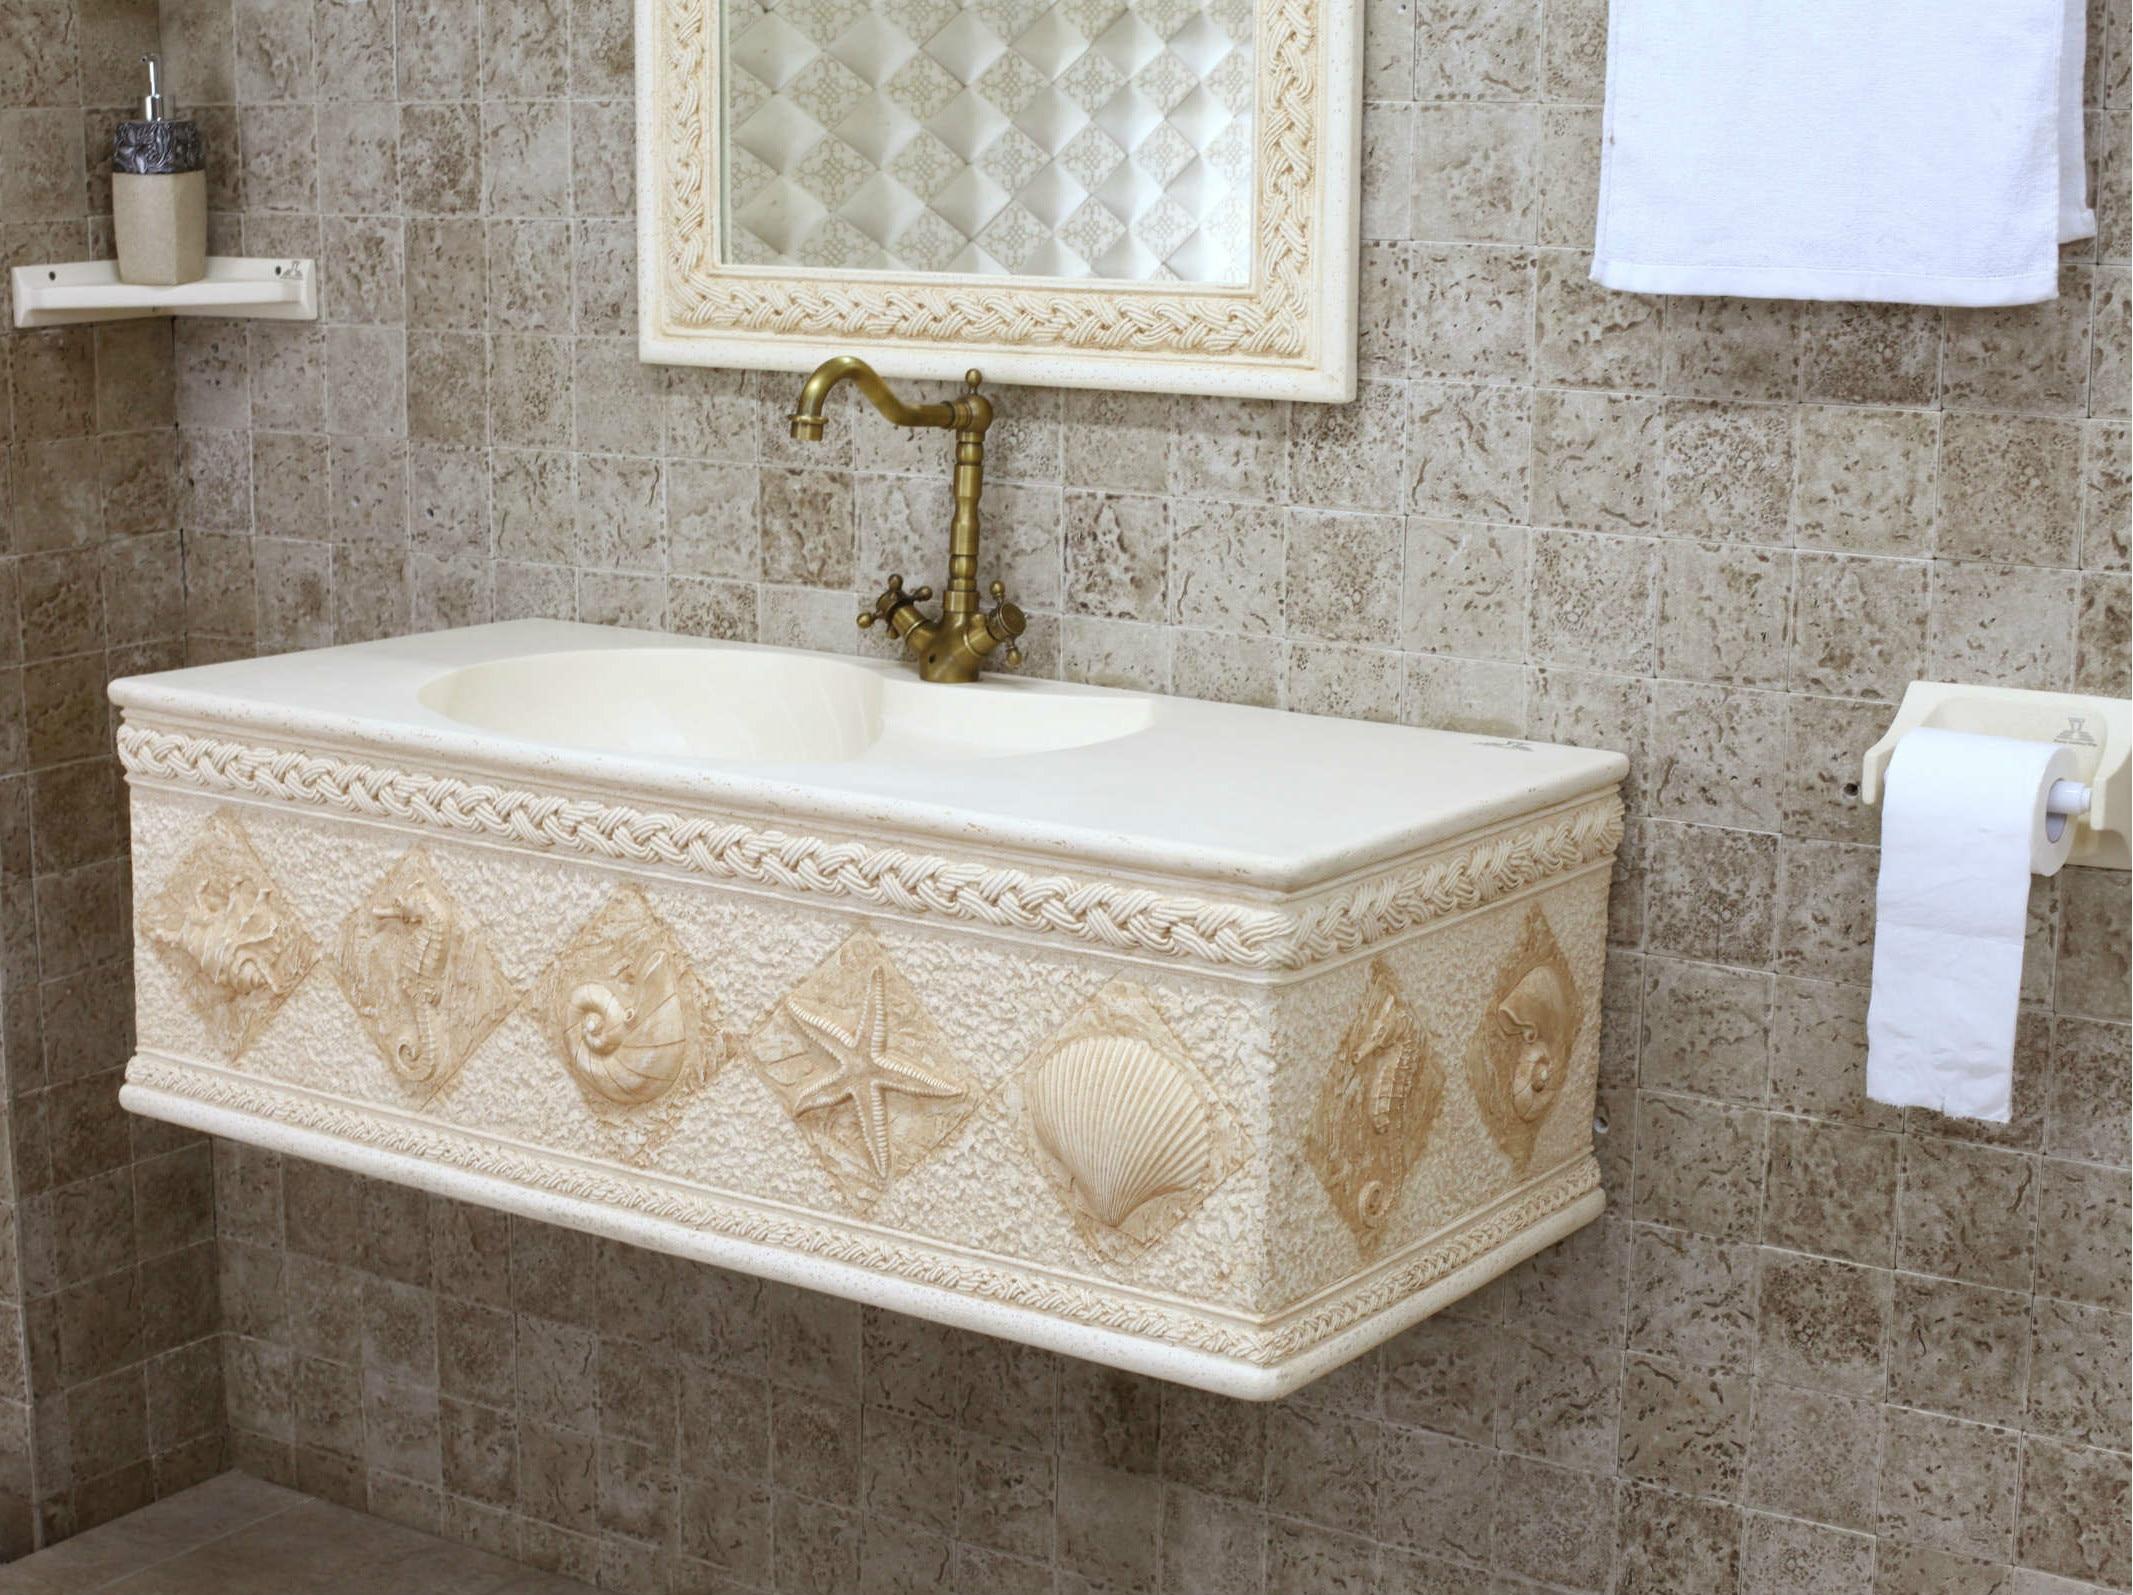 Badkamermeubel steen - Meubilair vormgeving van de badkamer dubbele wastafel ...